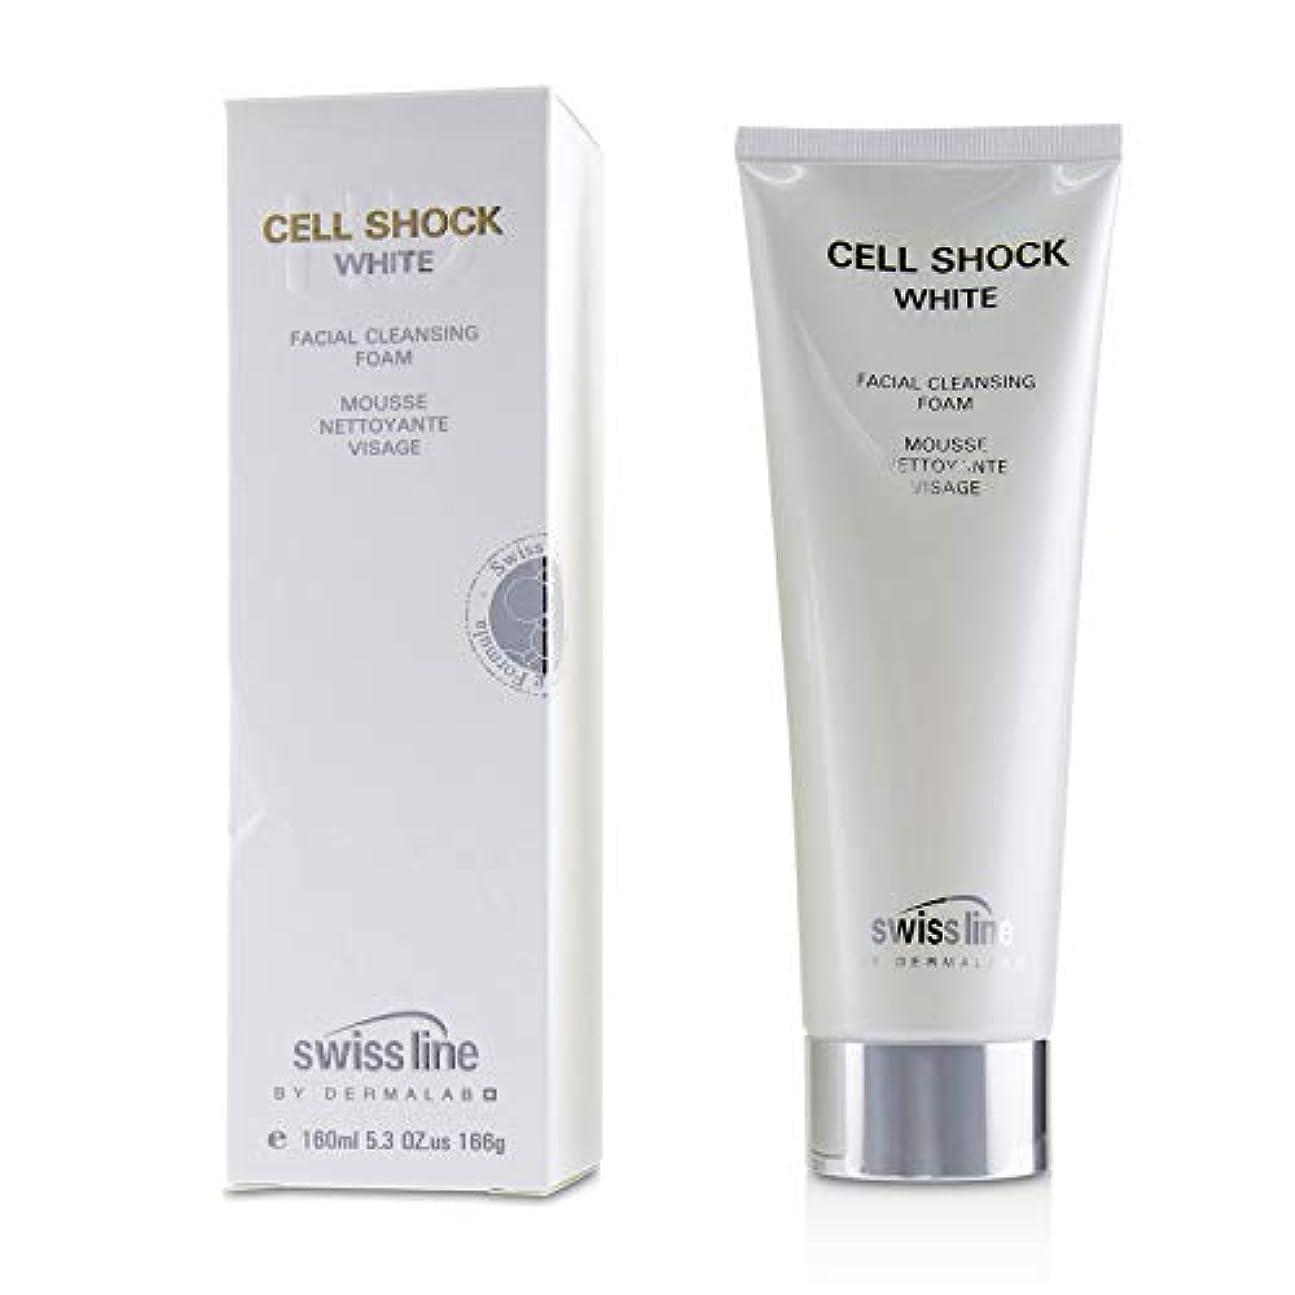 統計情熱印象スイスライン Cell Shock White Facial Cleansing Foam 160ml/5.3oz並行輸入品